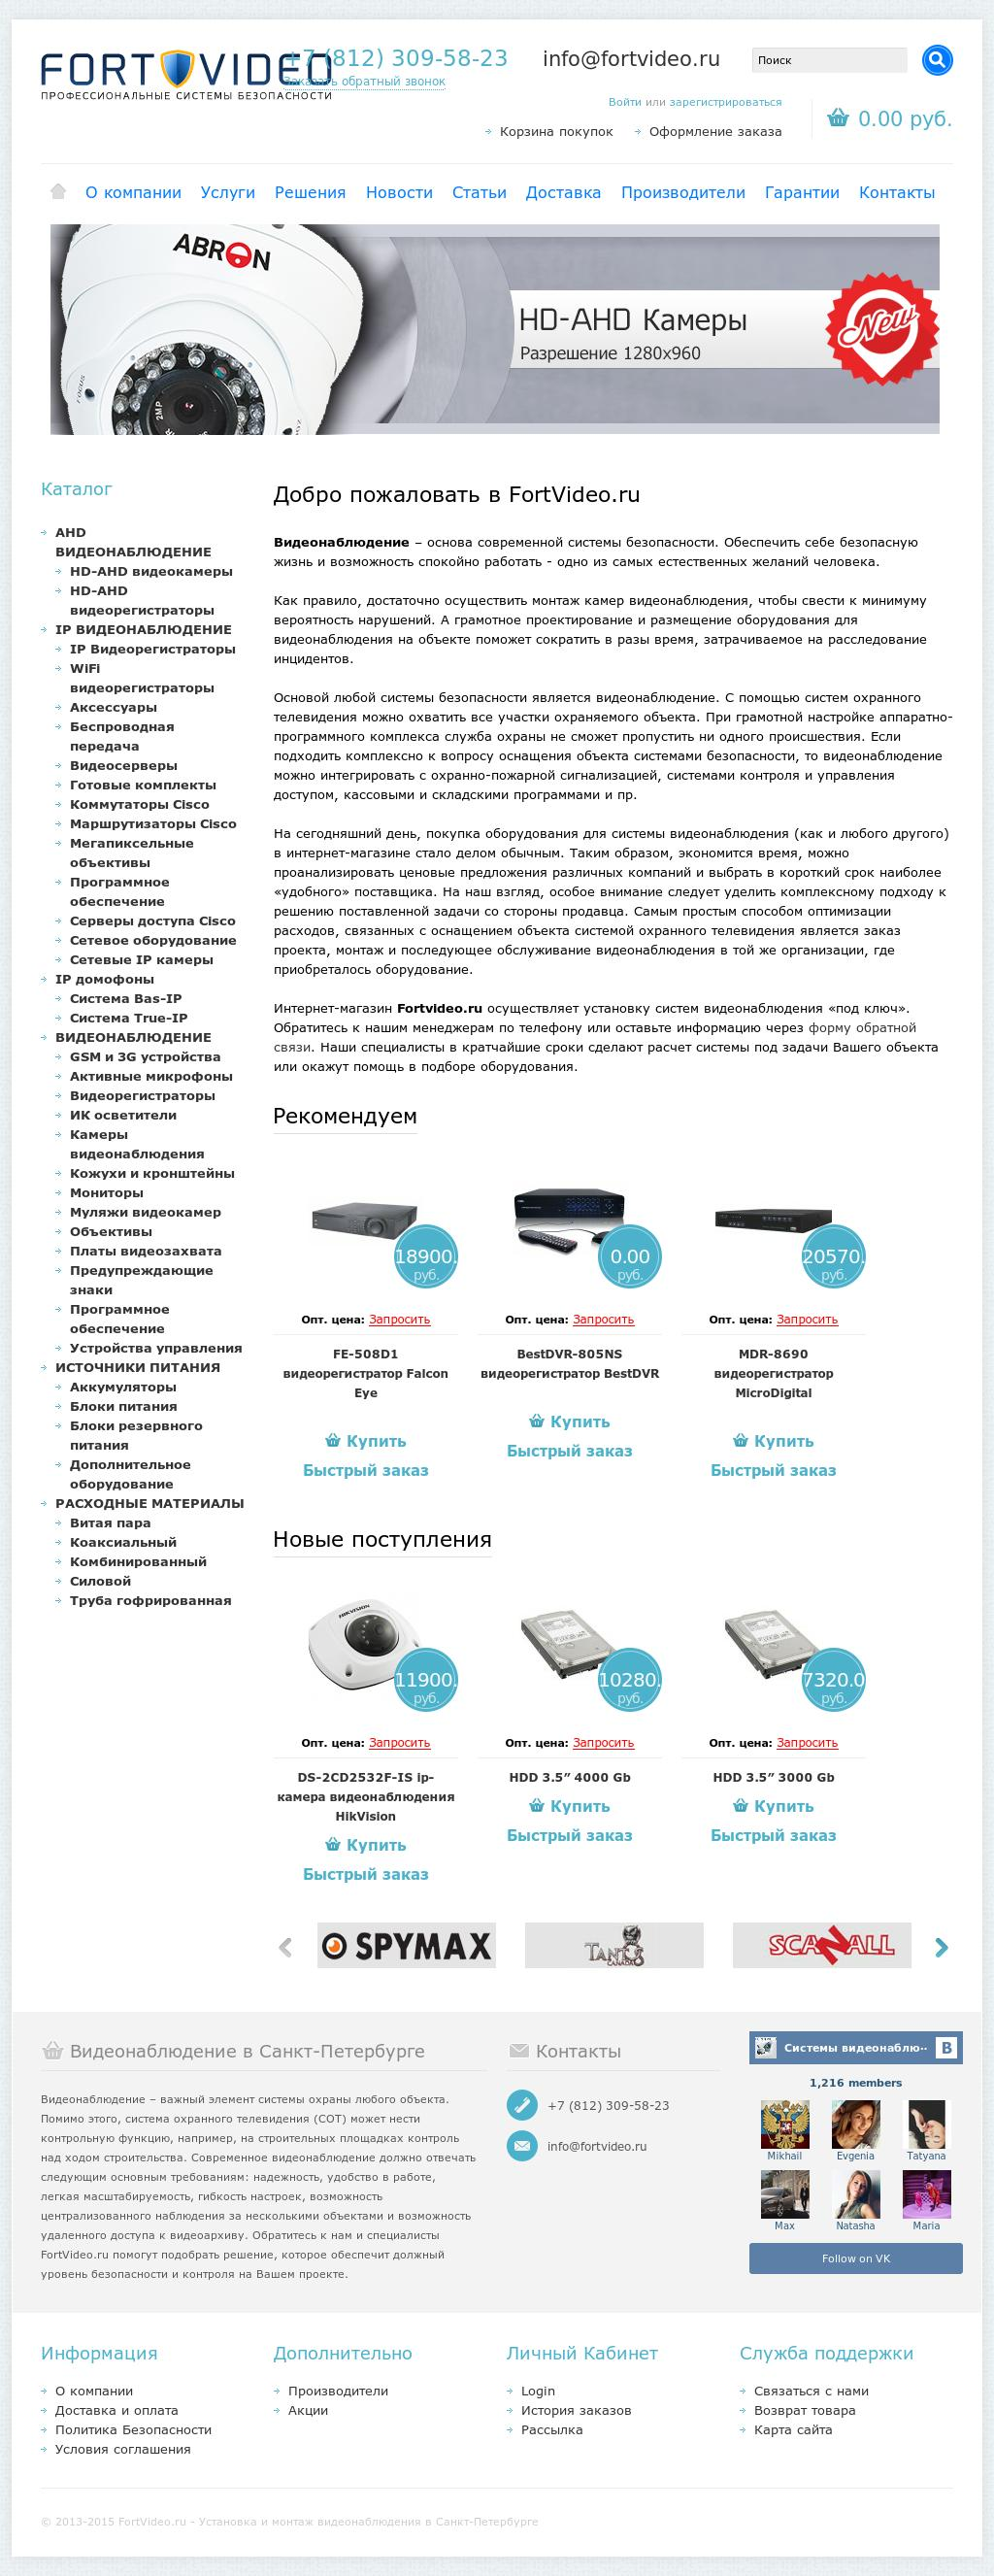 Видеоналюдение в Санкт-Петербурге